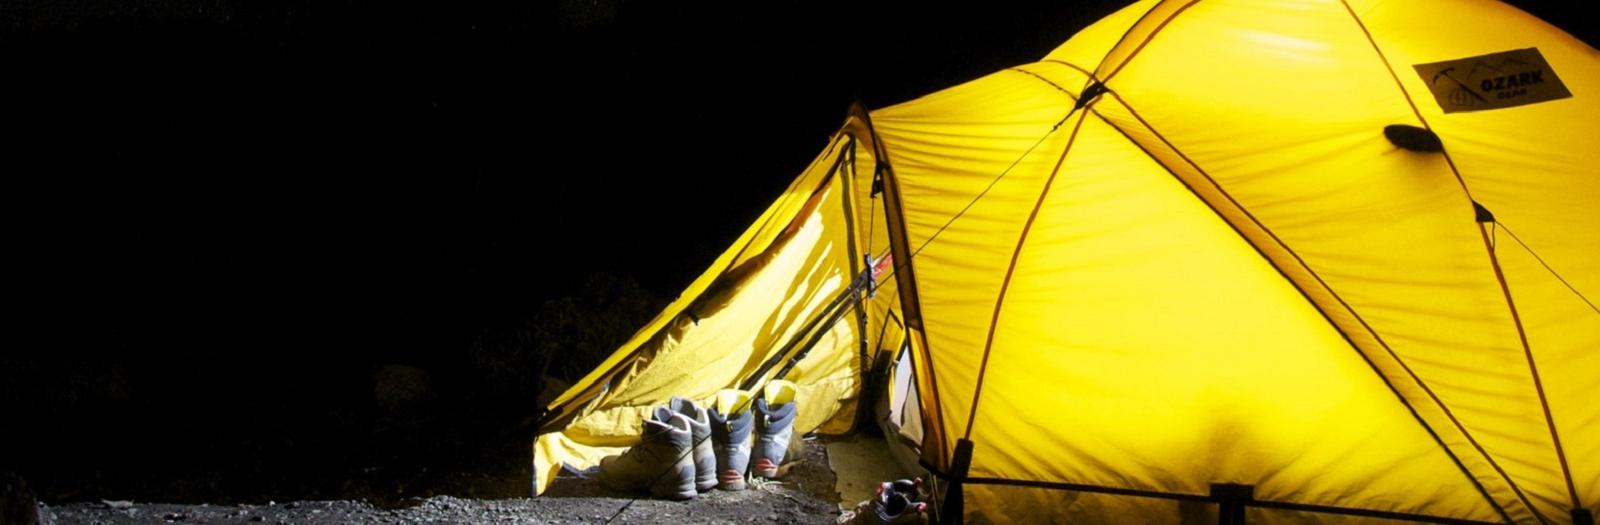 Goed 'uitgerust' op kampeervakantie